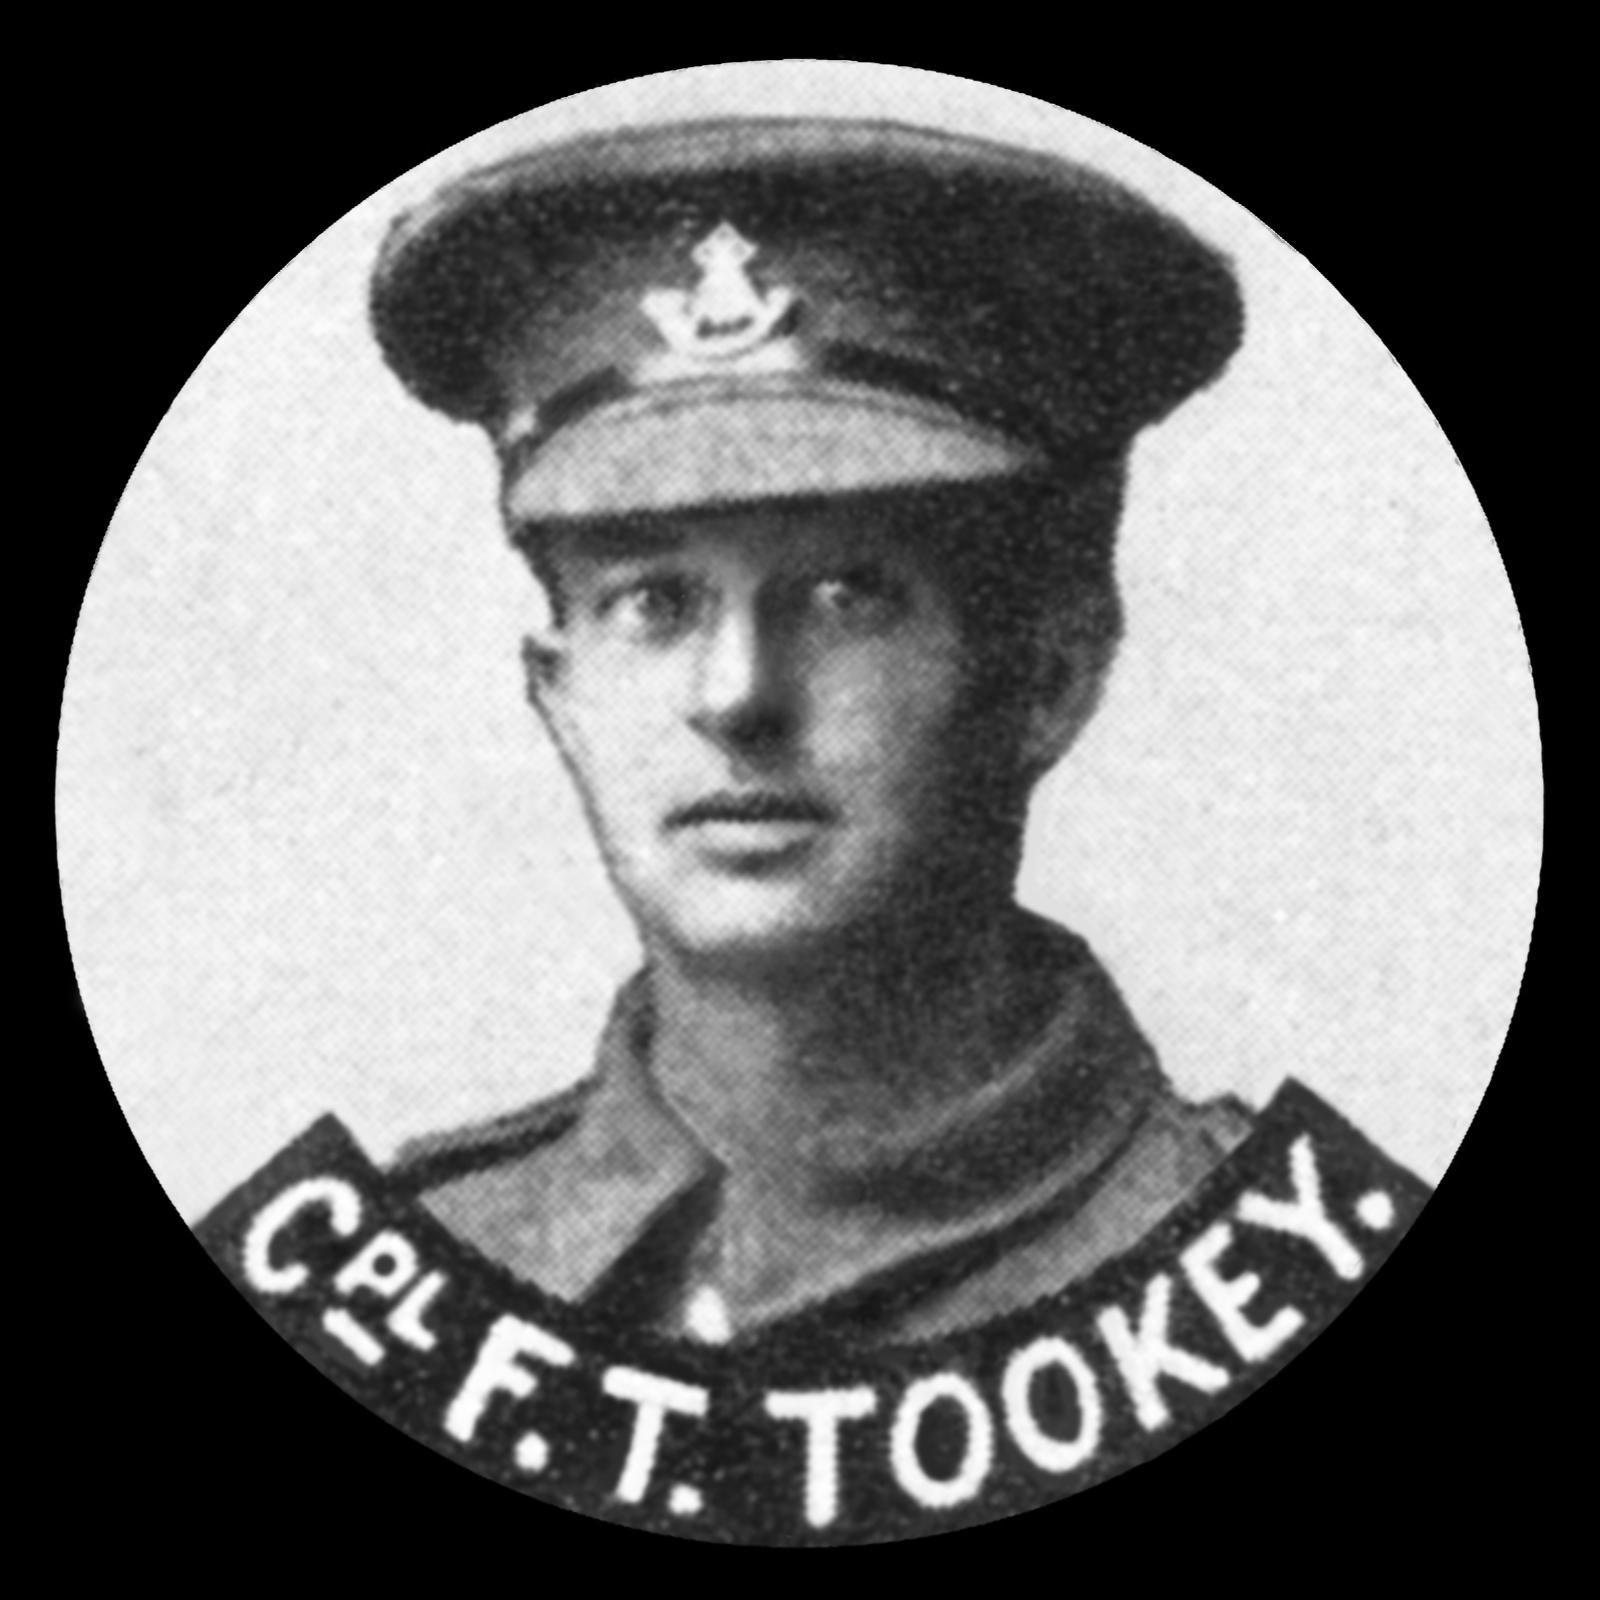 TOOKEY Frederick Thomas